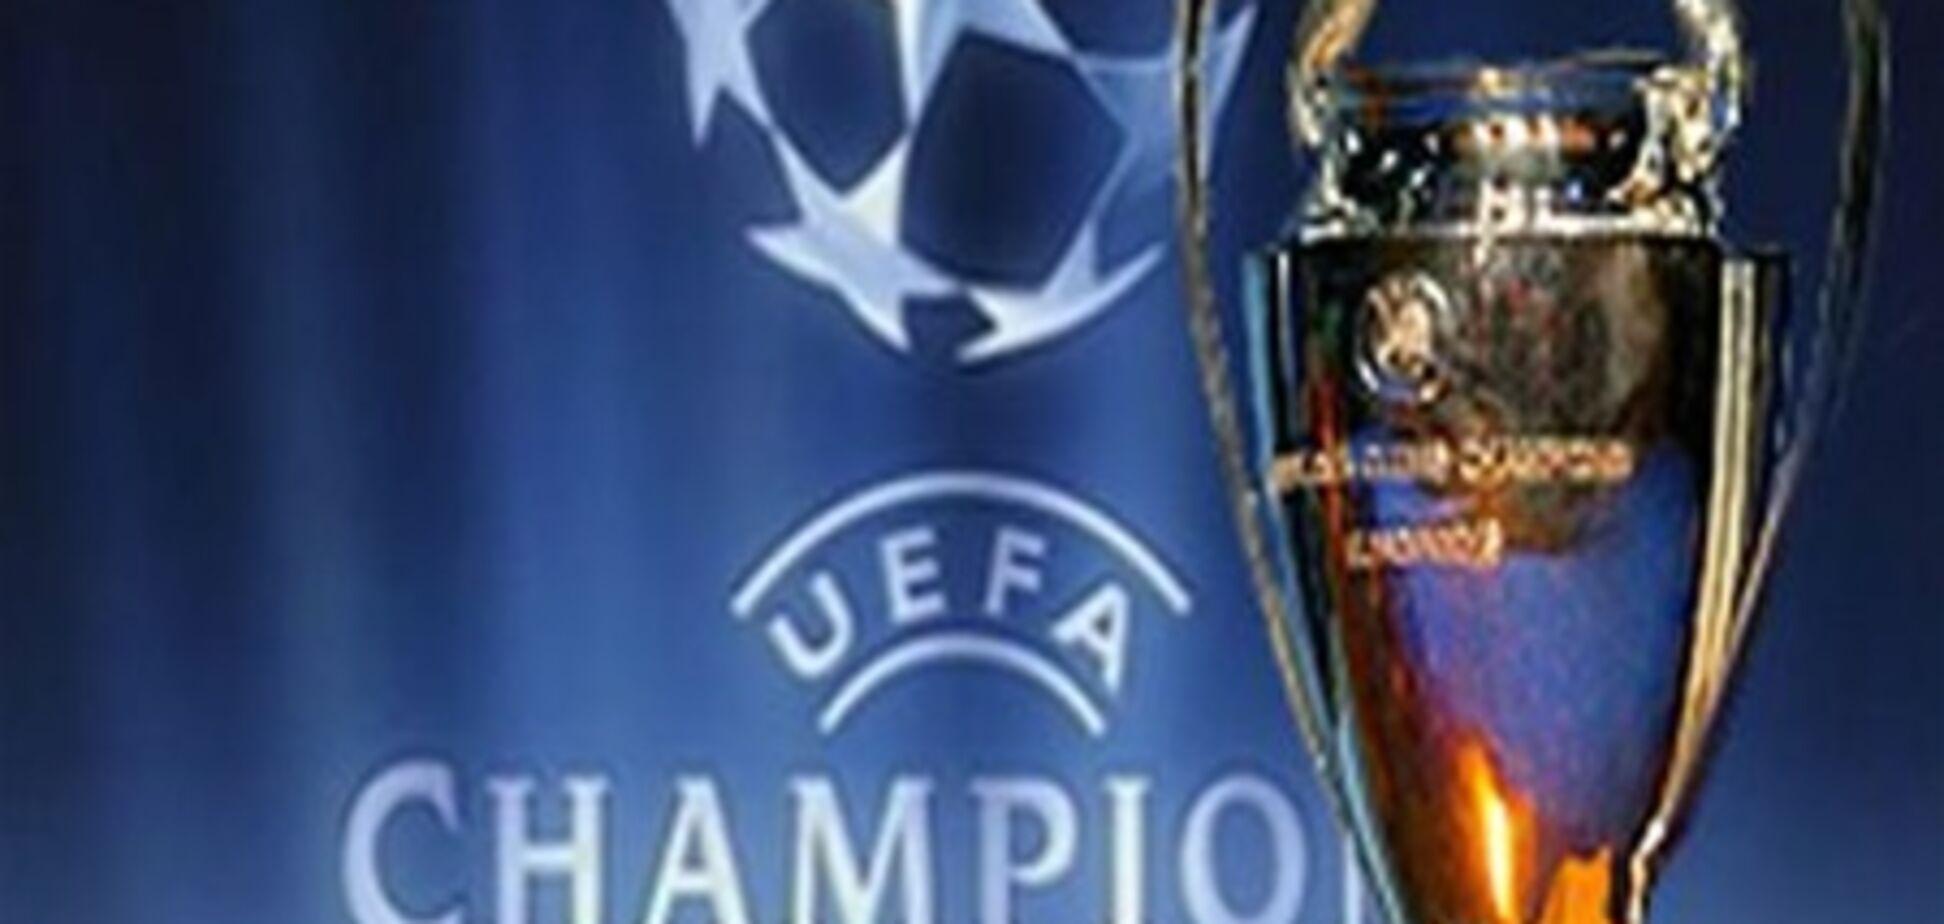 Состоялись матчи вторника 3-го квалифайн раунда Лиги чемпионов